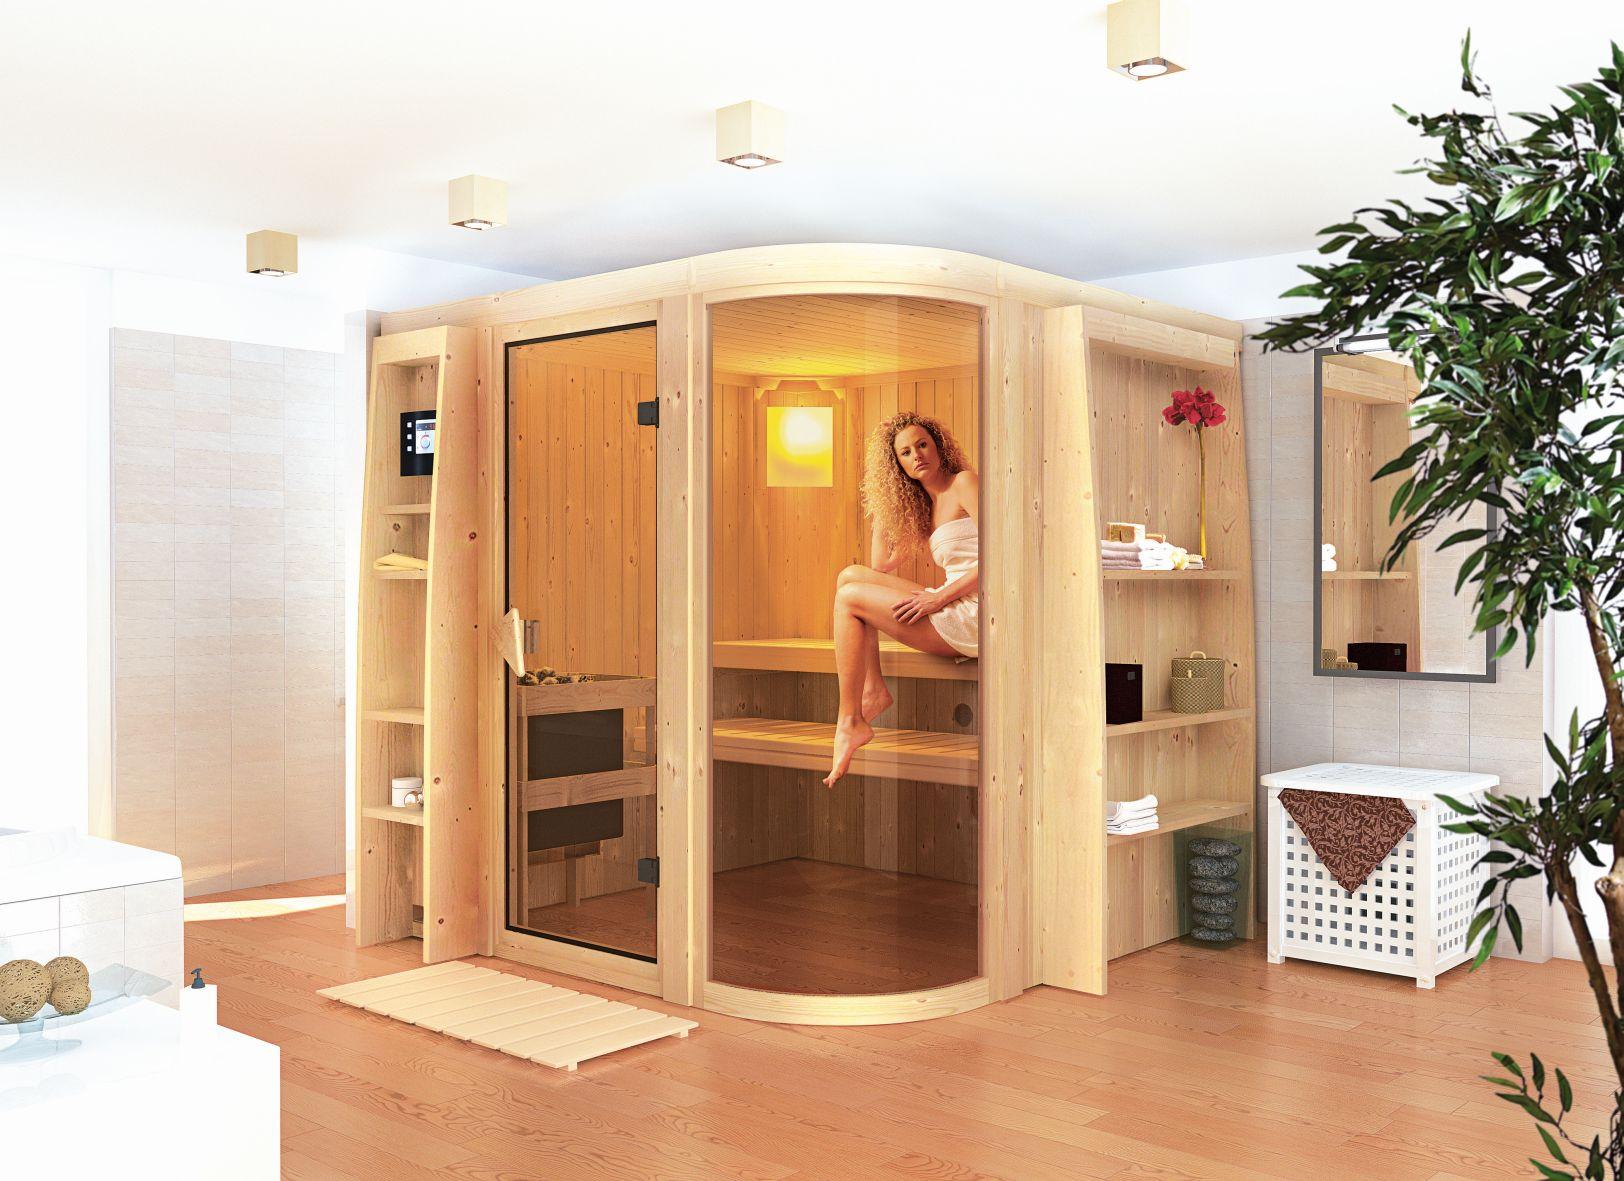 Comment Faire Fonctionner Un Sauna histoire du sauna finlandais ; et plus d'informations à leur